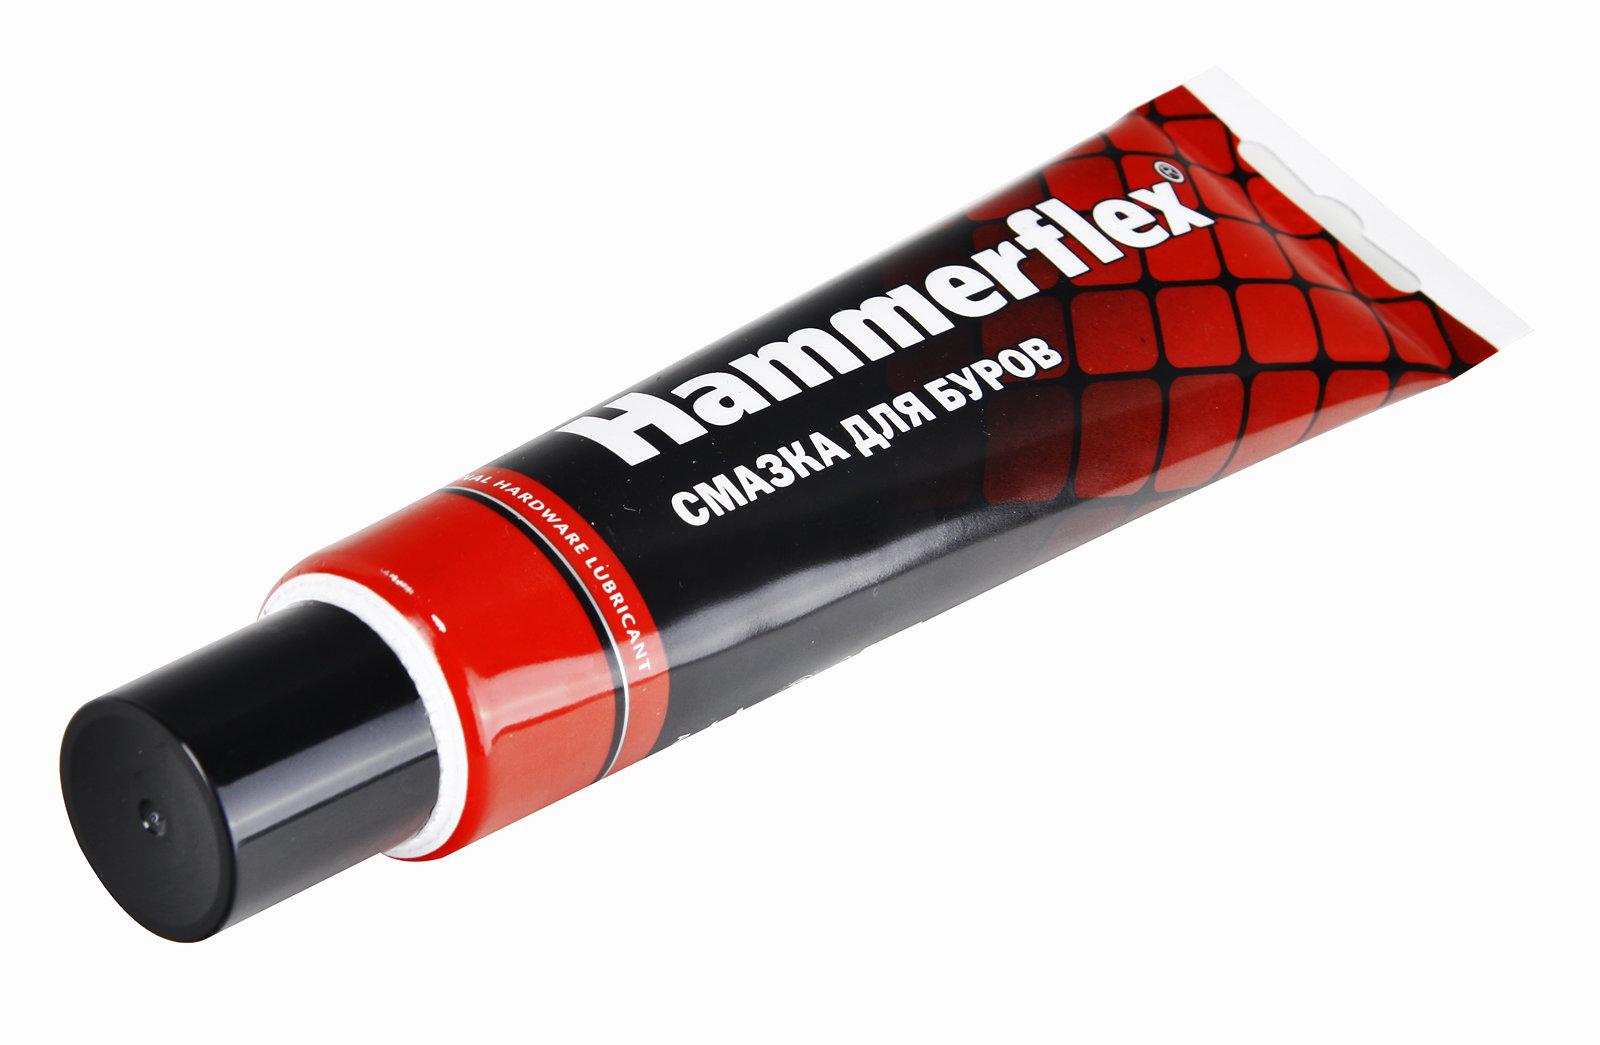 Смазка Hammer смазка для буров